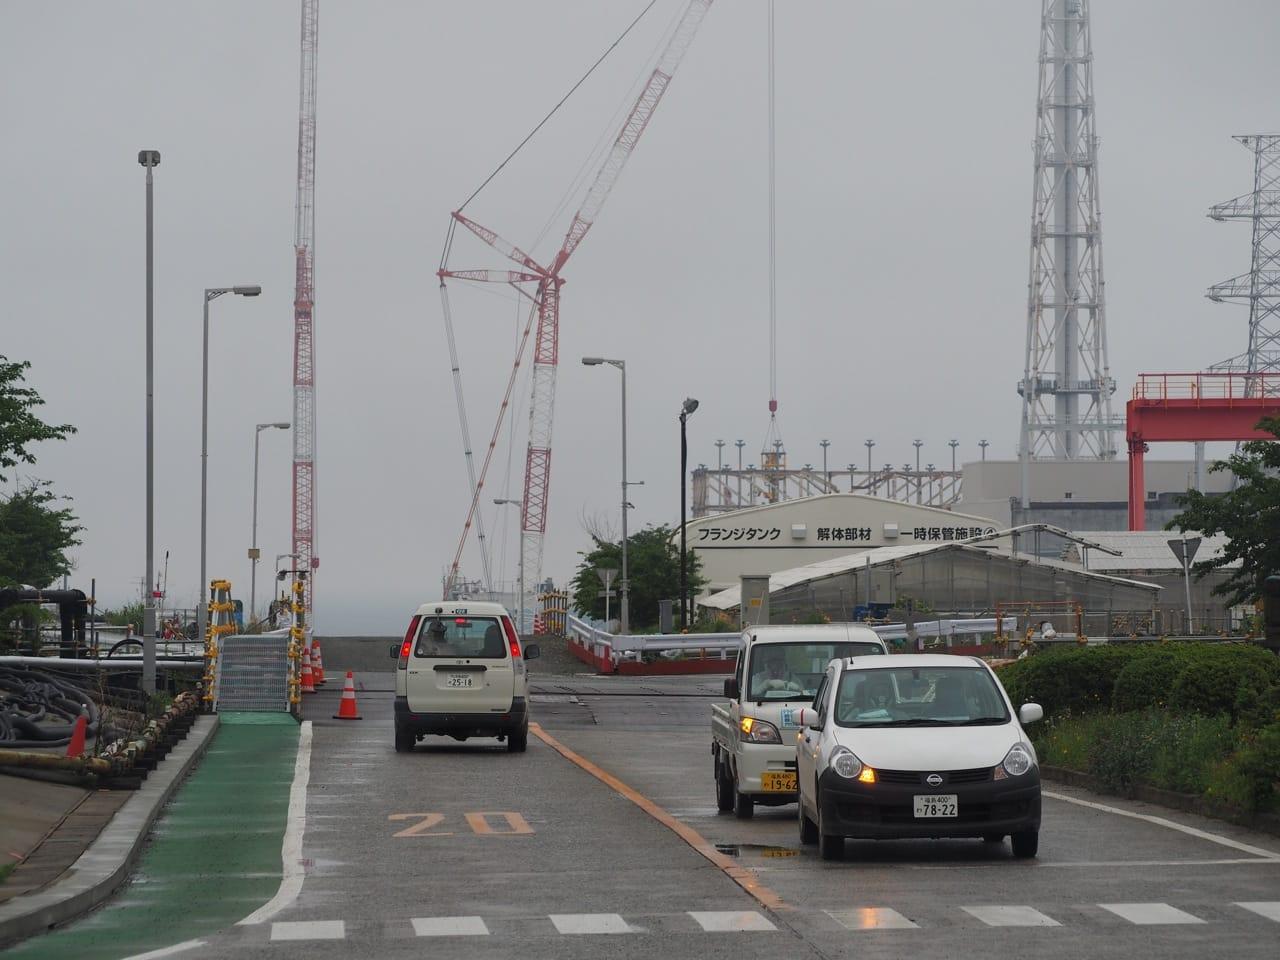 福島第一原発構内。どこかの工場のような雰囲気。